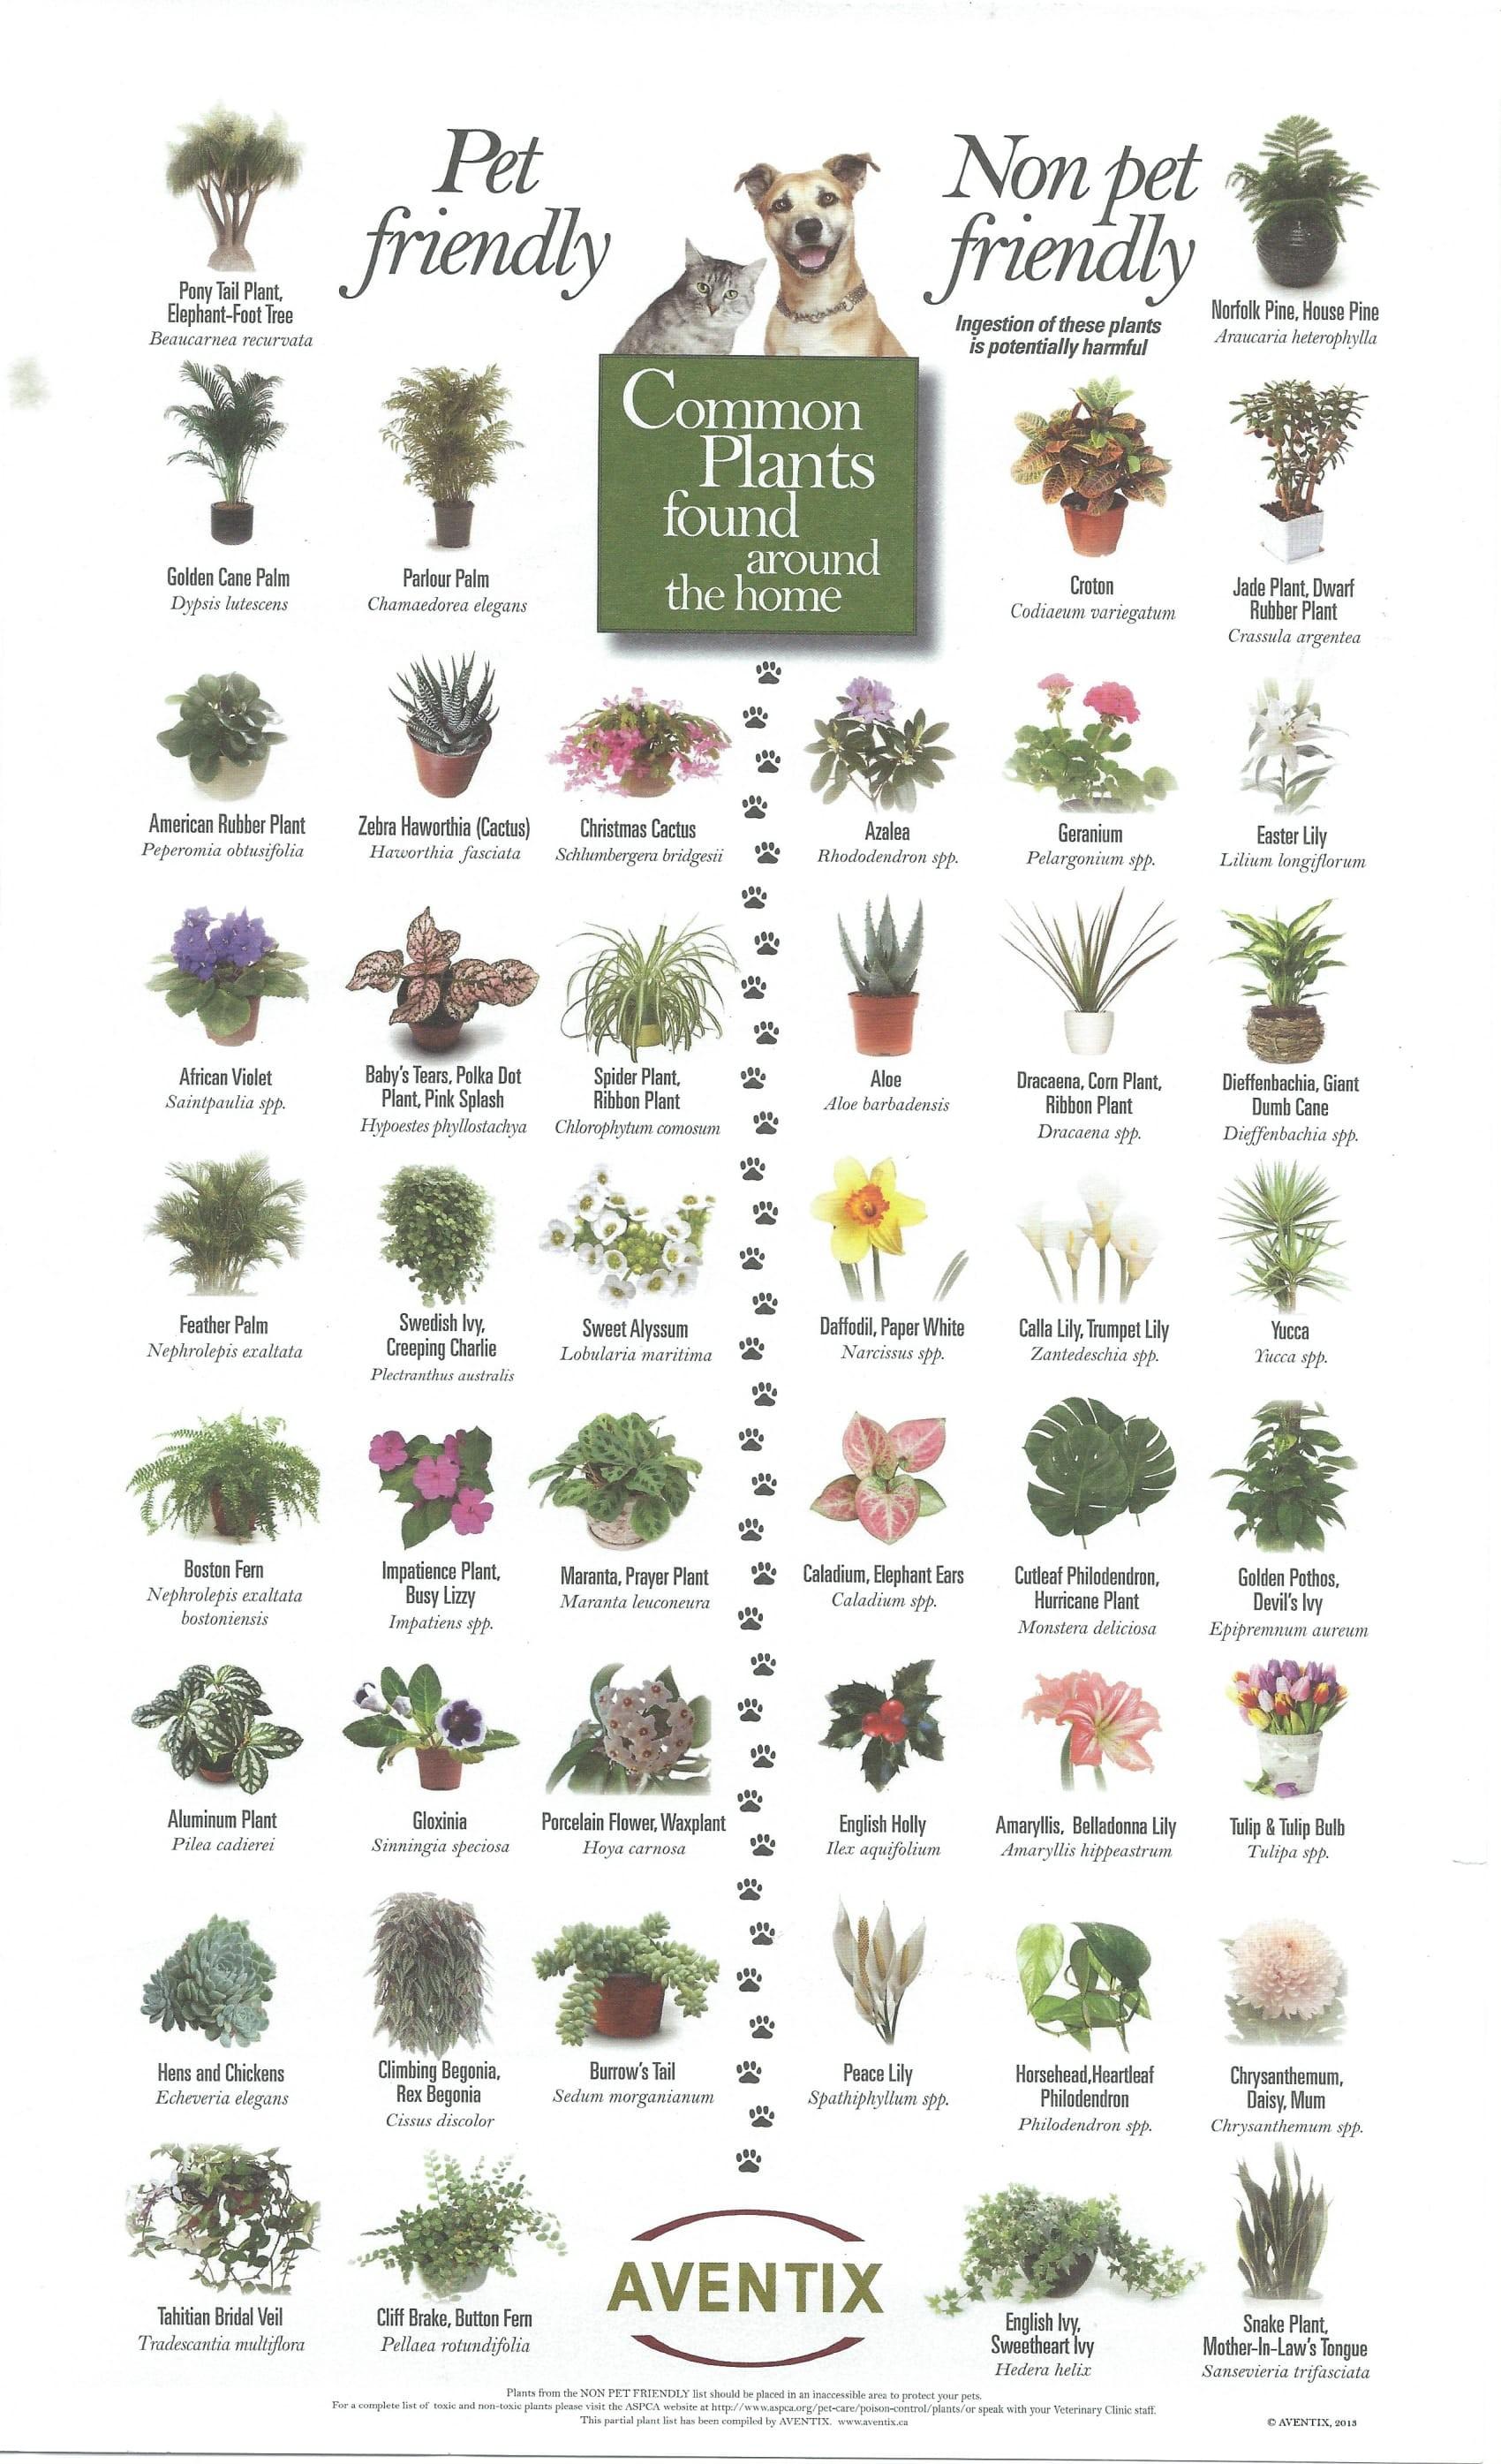 pet-friendly-plants